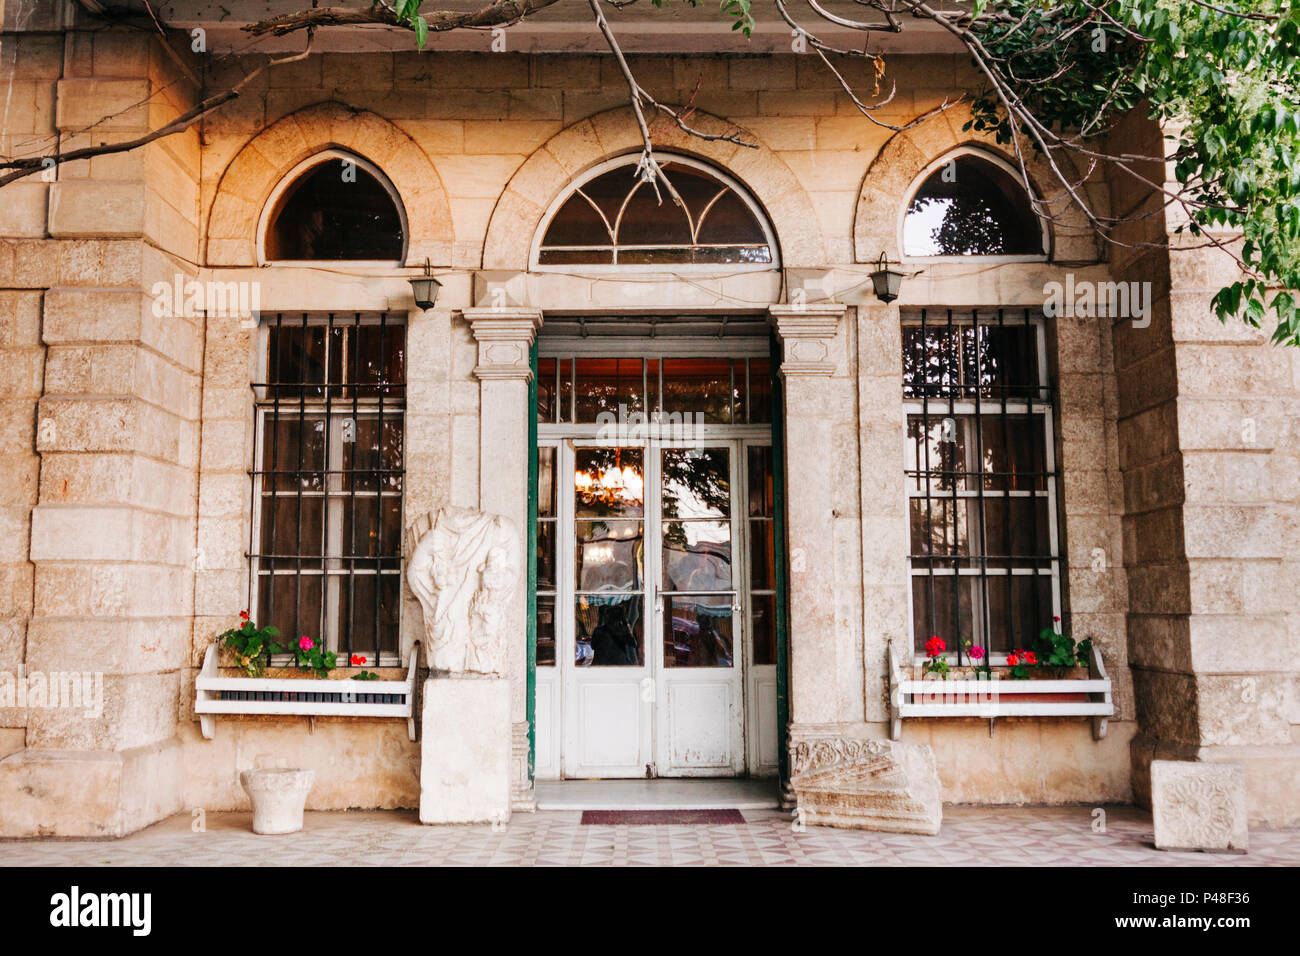 Baalbek, Liban: porte avant de l'hôtel Palmyra en face des ruines romaines de Baalbek, dans la vallée de la Bekaa. Ouvert en continu depuis son inauguration Photo Stock